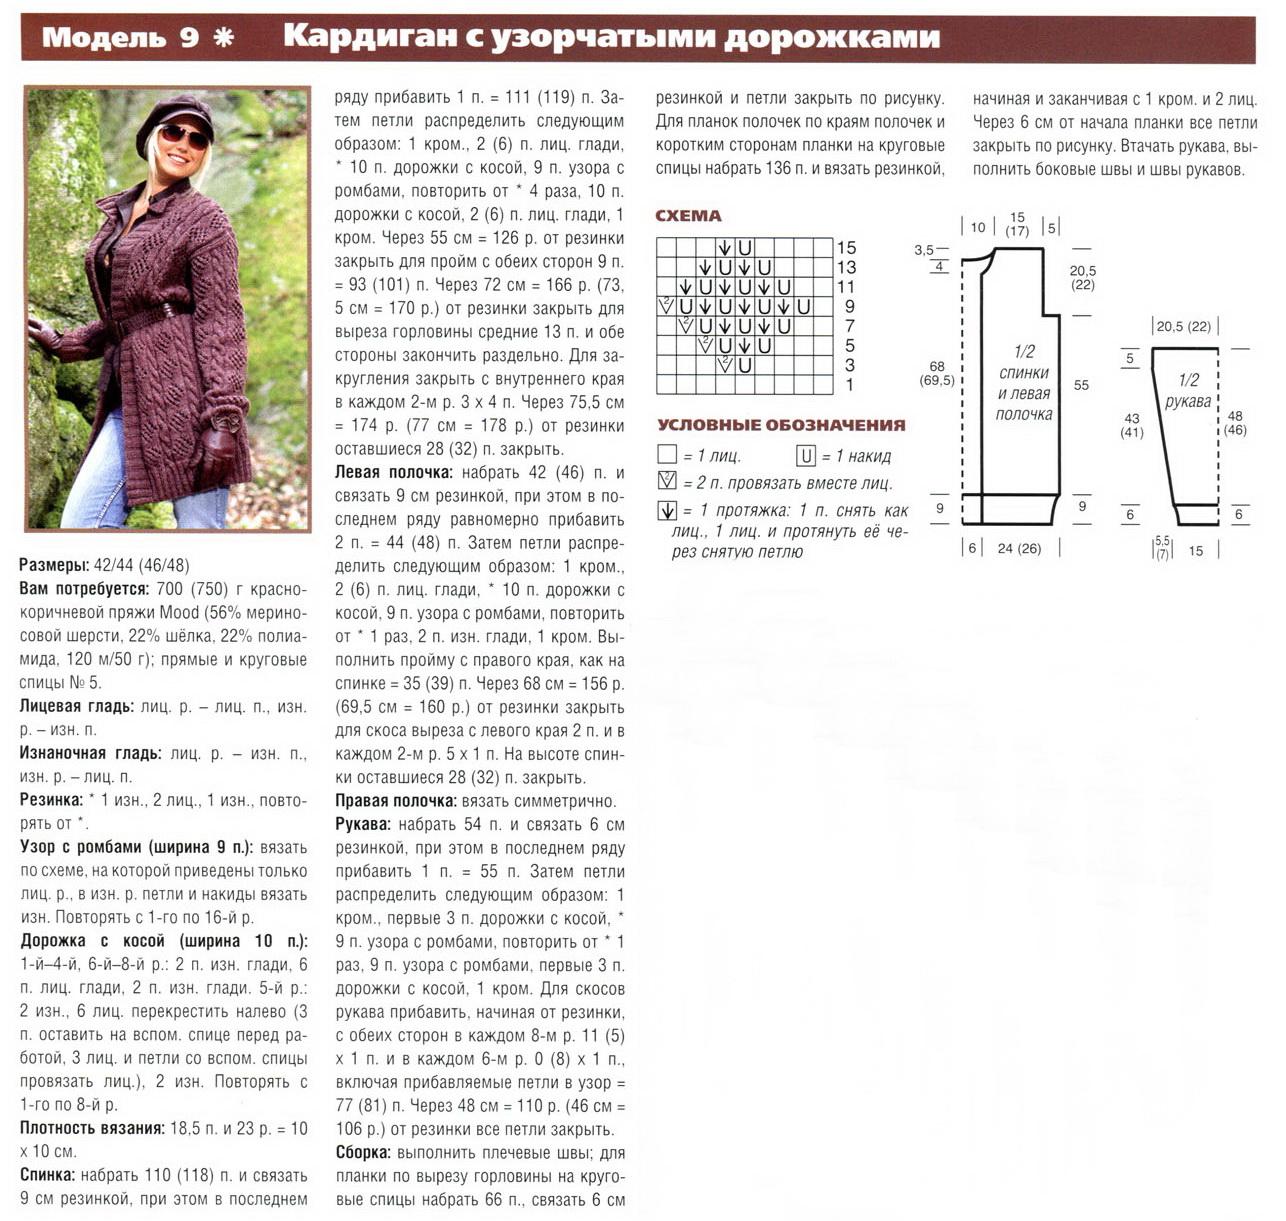 Схемы вязания кардигана крючком для начинающих с описанием 56